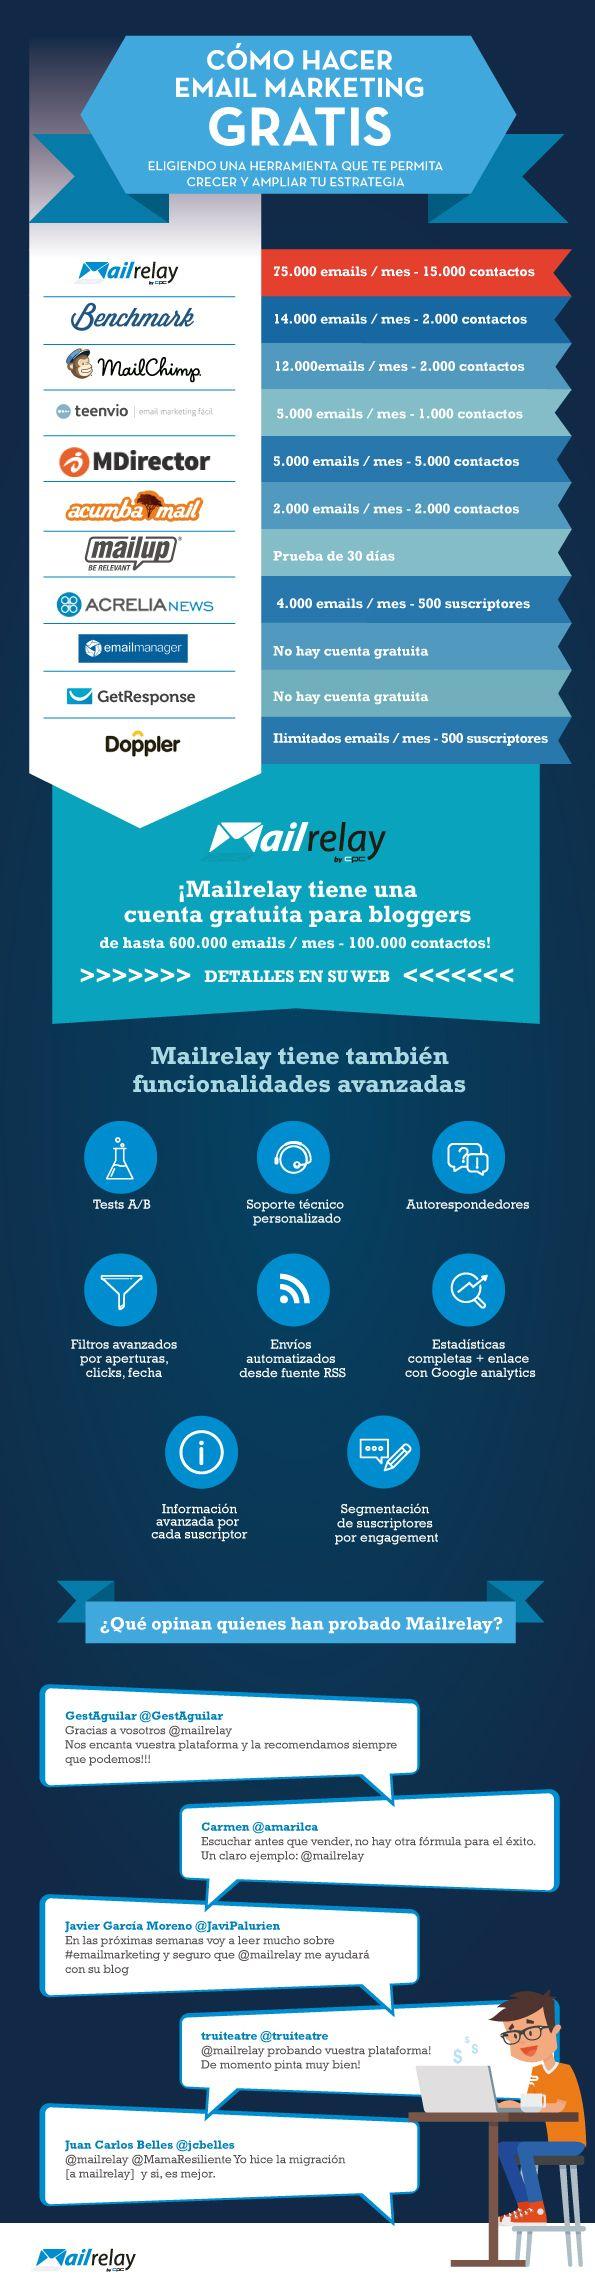 Cómo hacer email marketing gratis #infografia #emailmarketing                                                                                                                                                                                 Más